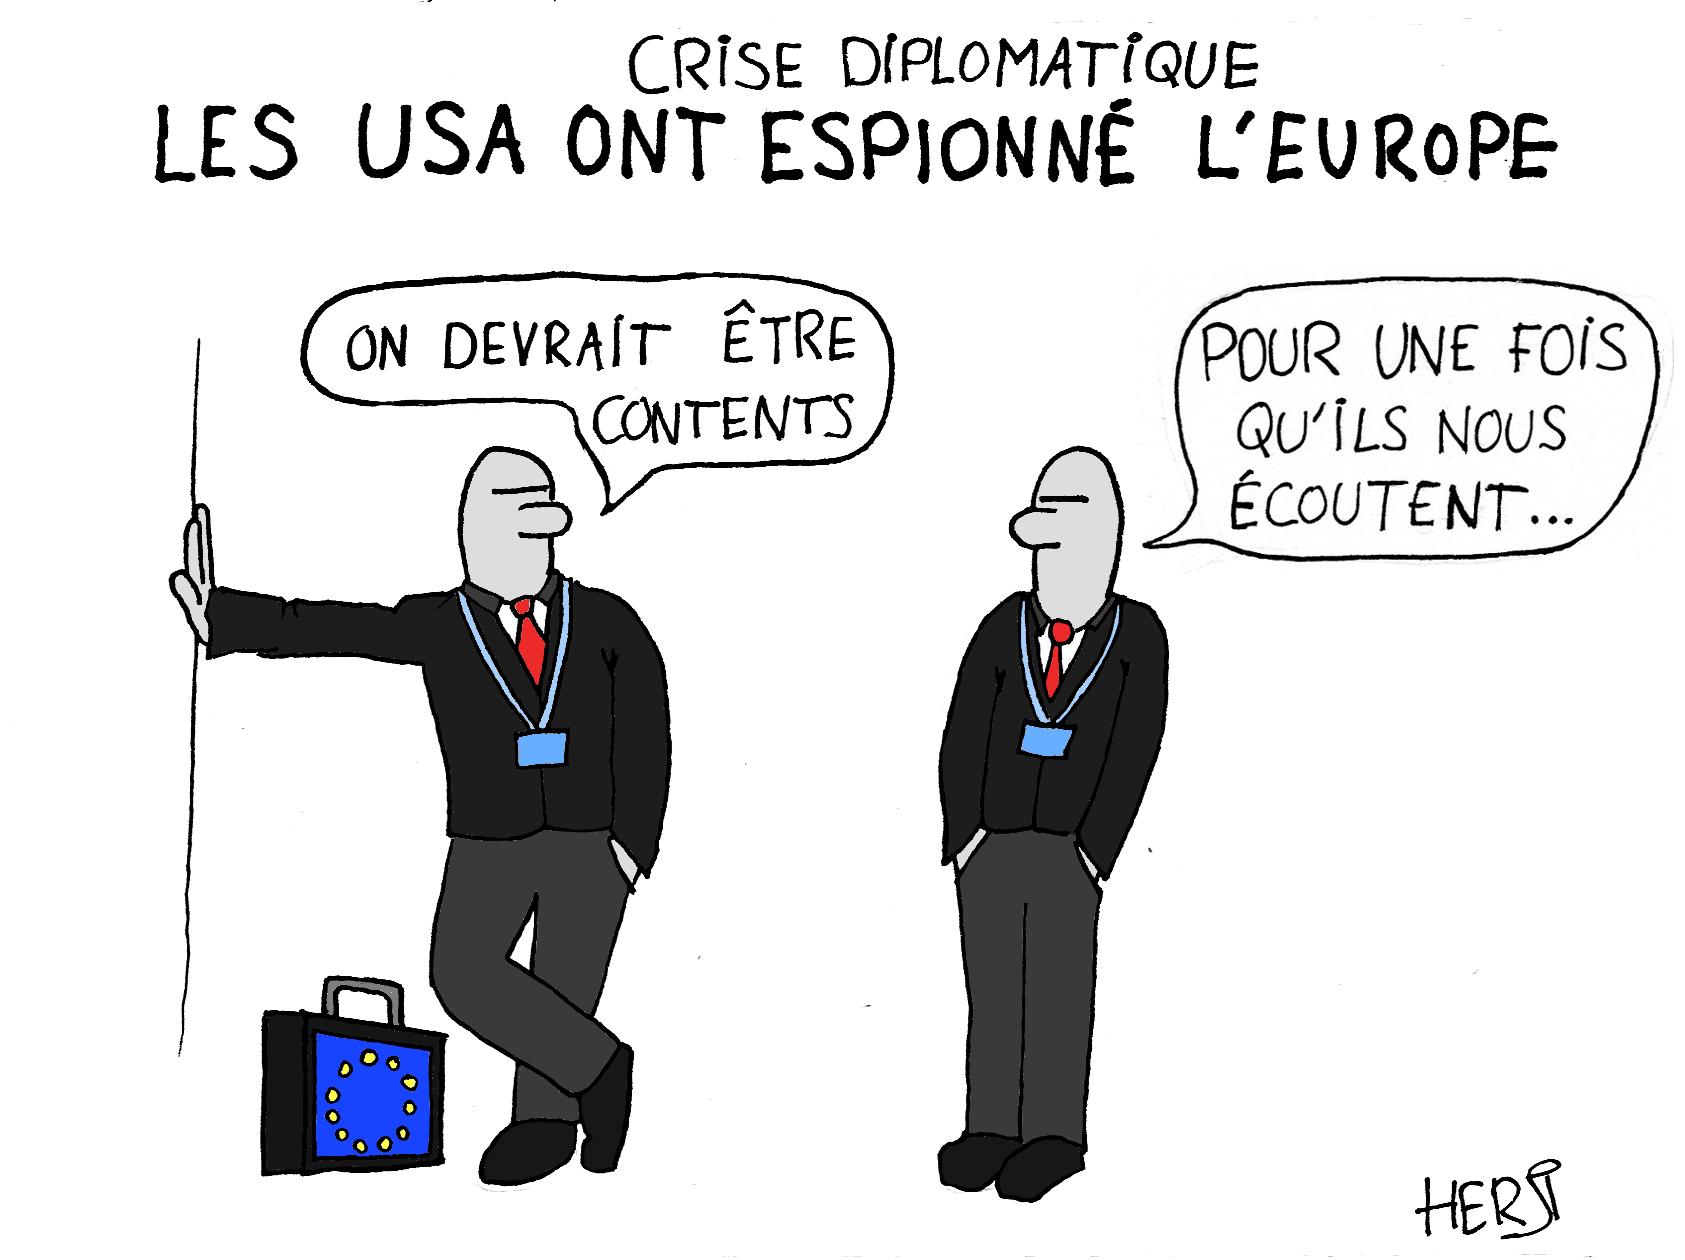 Crise diplomatique: les USA ont espionné l'Europe